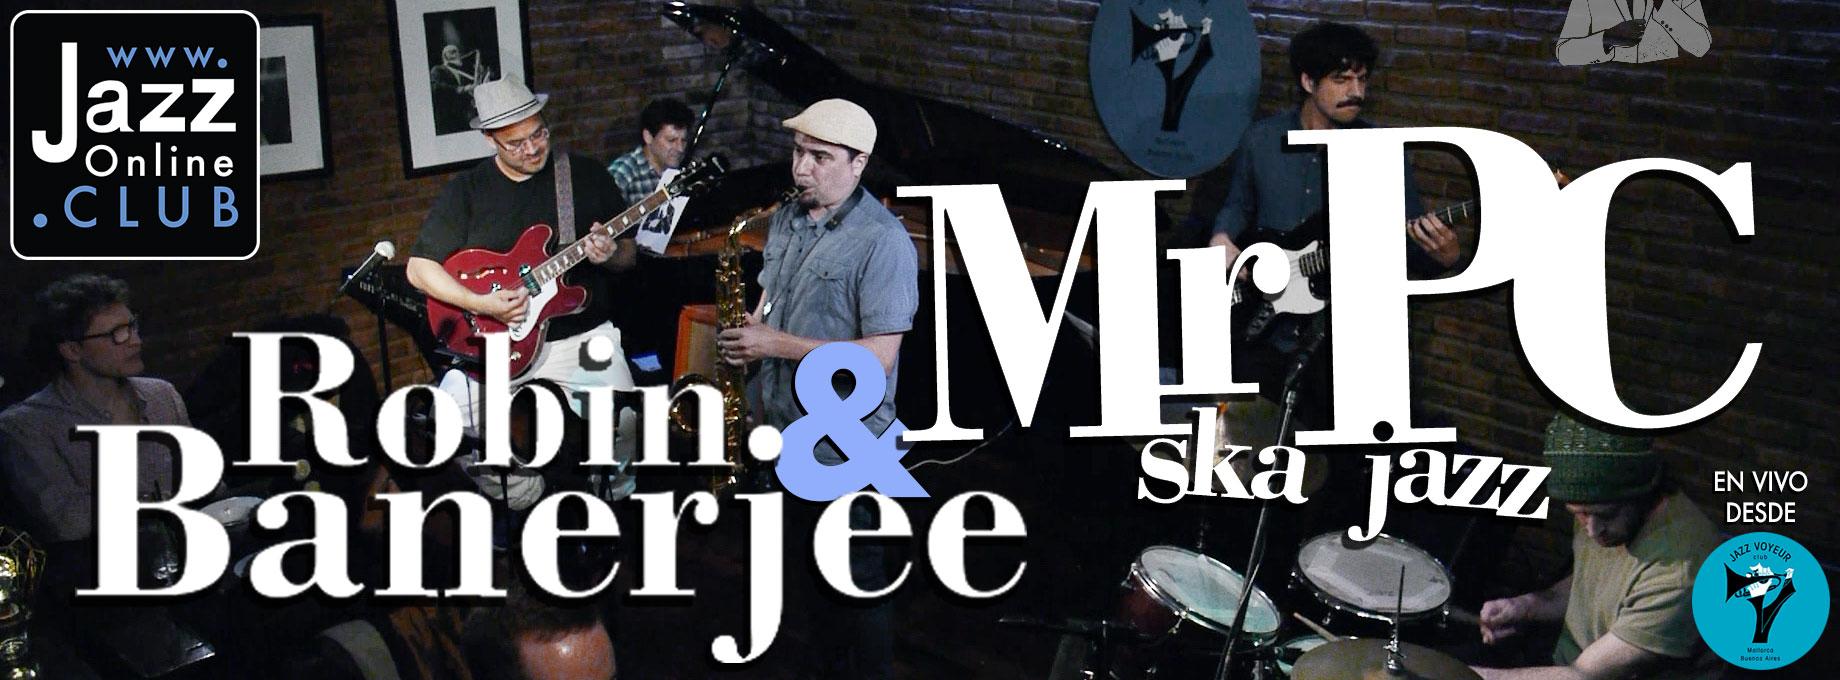 Robin Banerjee & Mr PC Ska Jazz